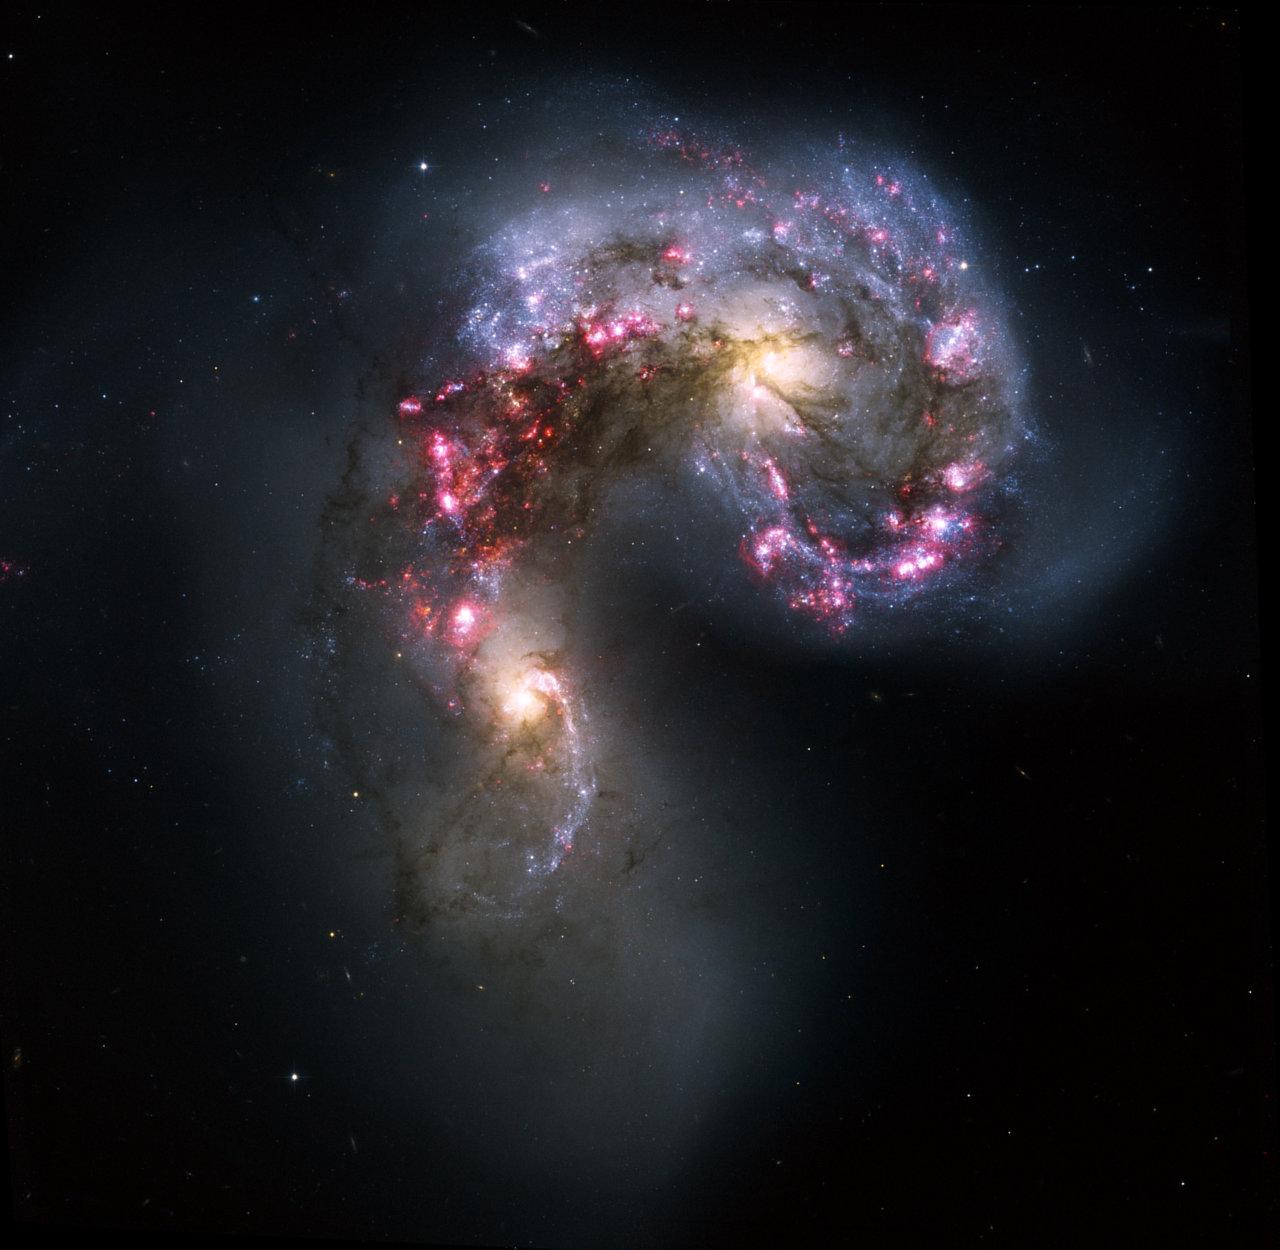 NCG 4038 and NGC 4039 | ESA/Hubble